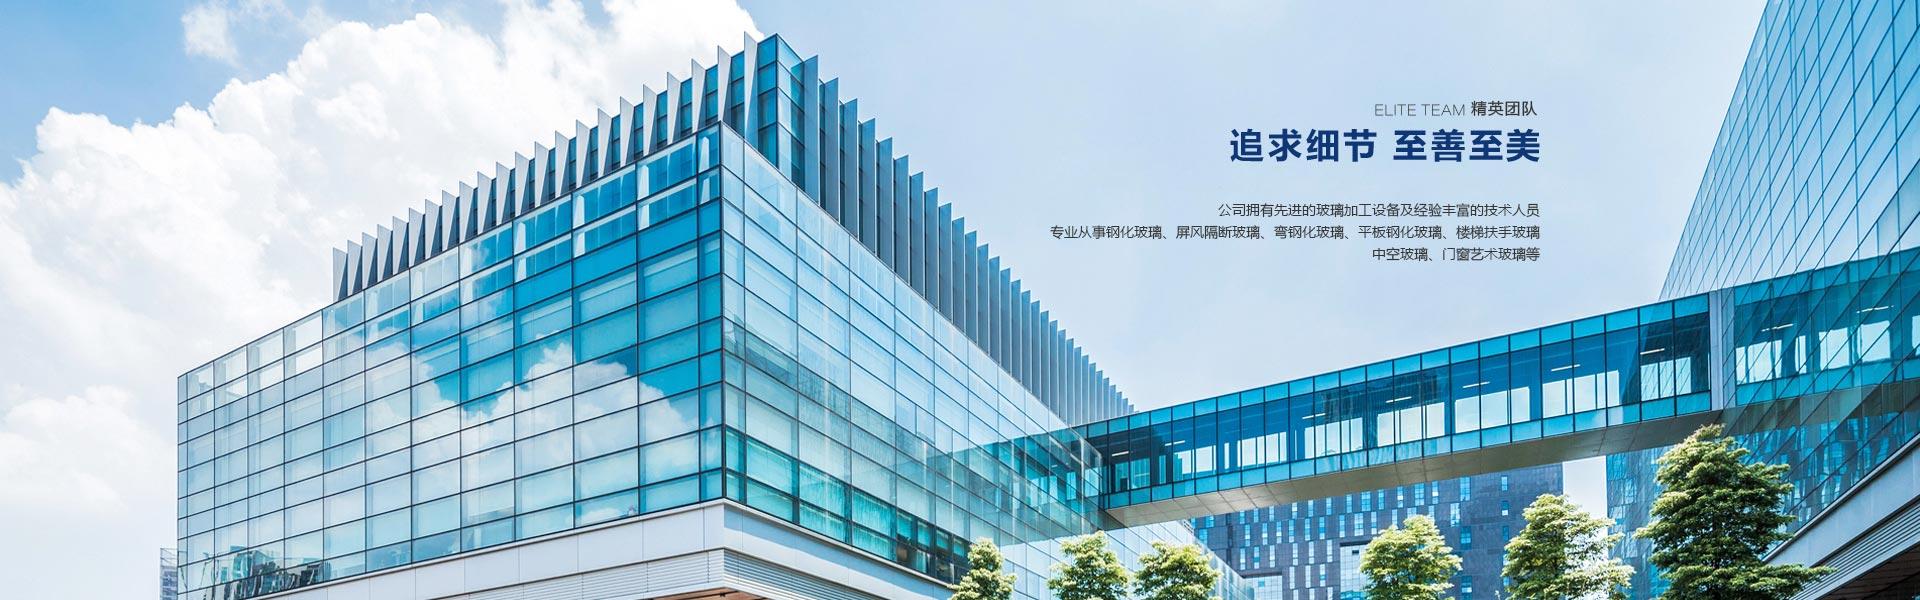 泸州钢化玻璃